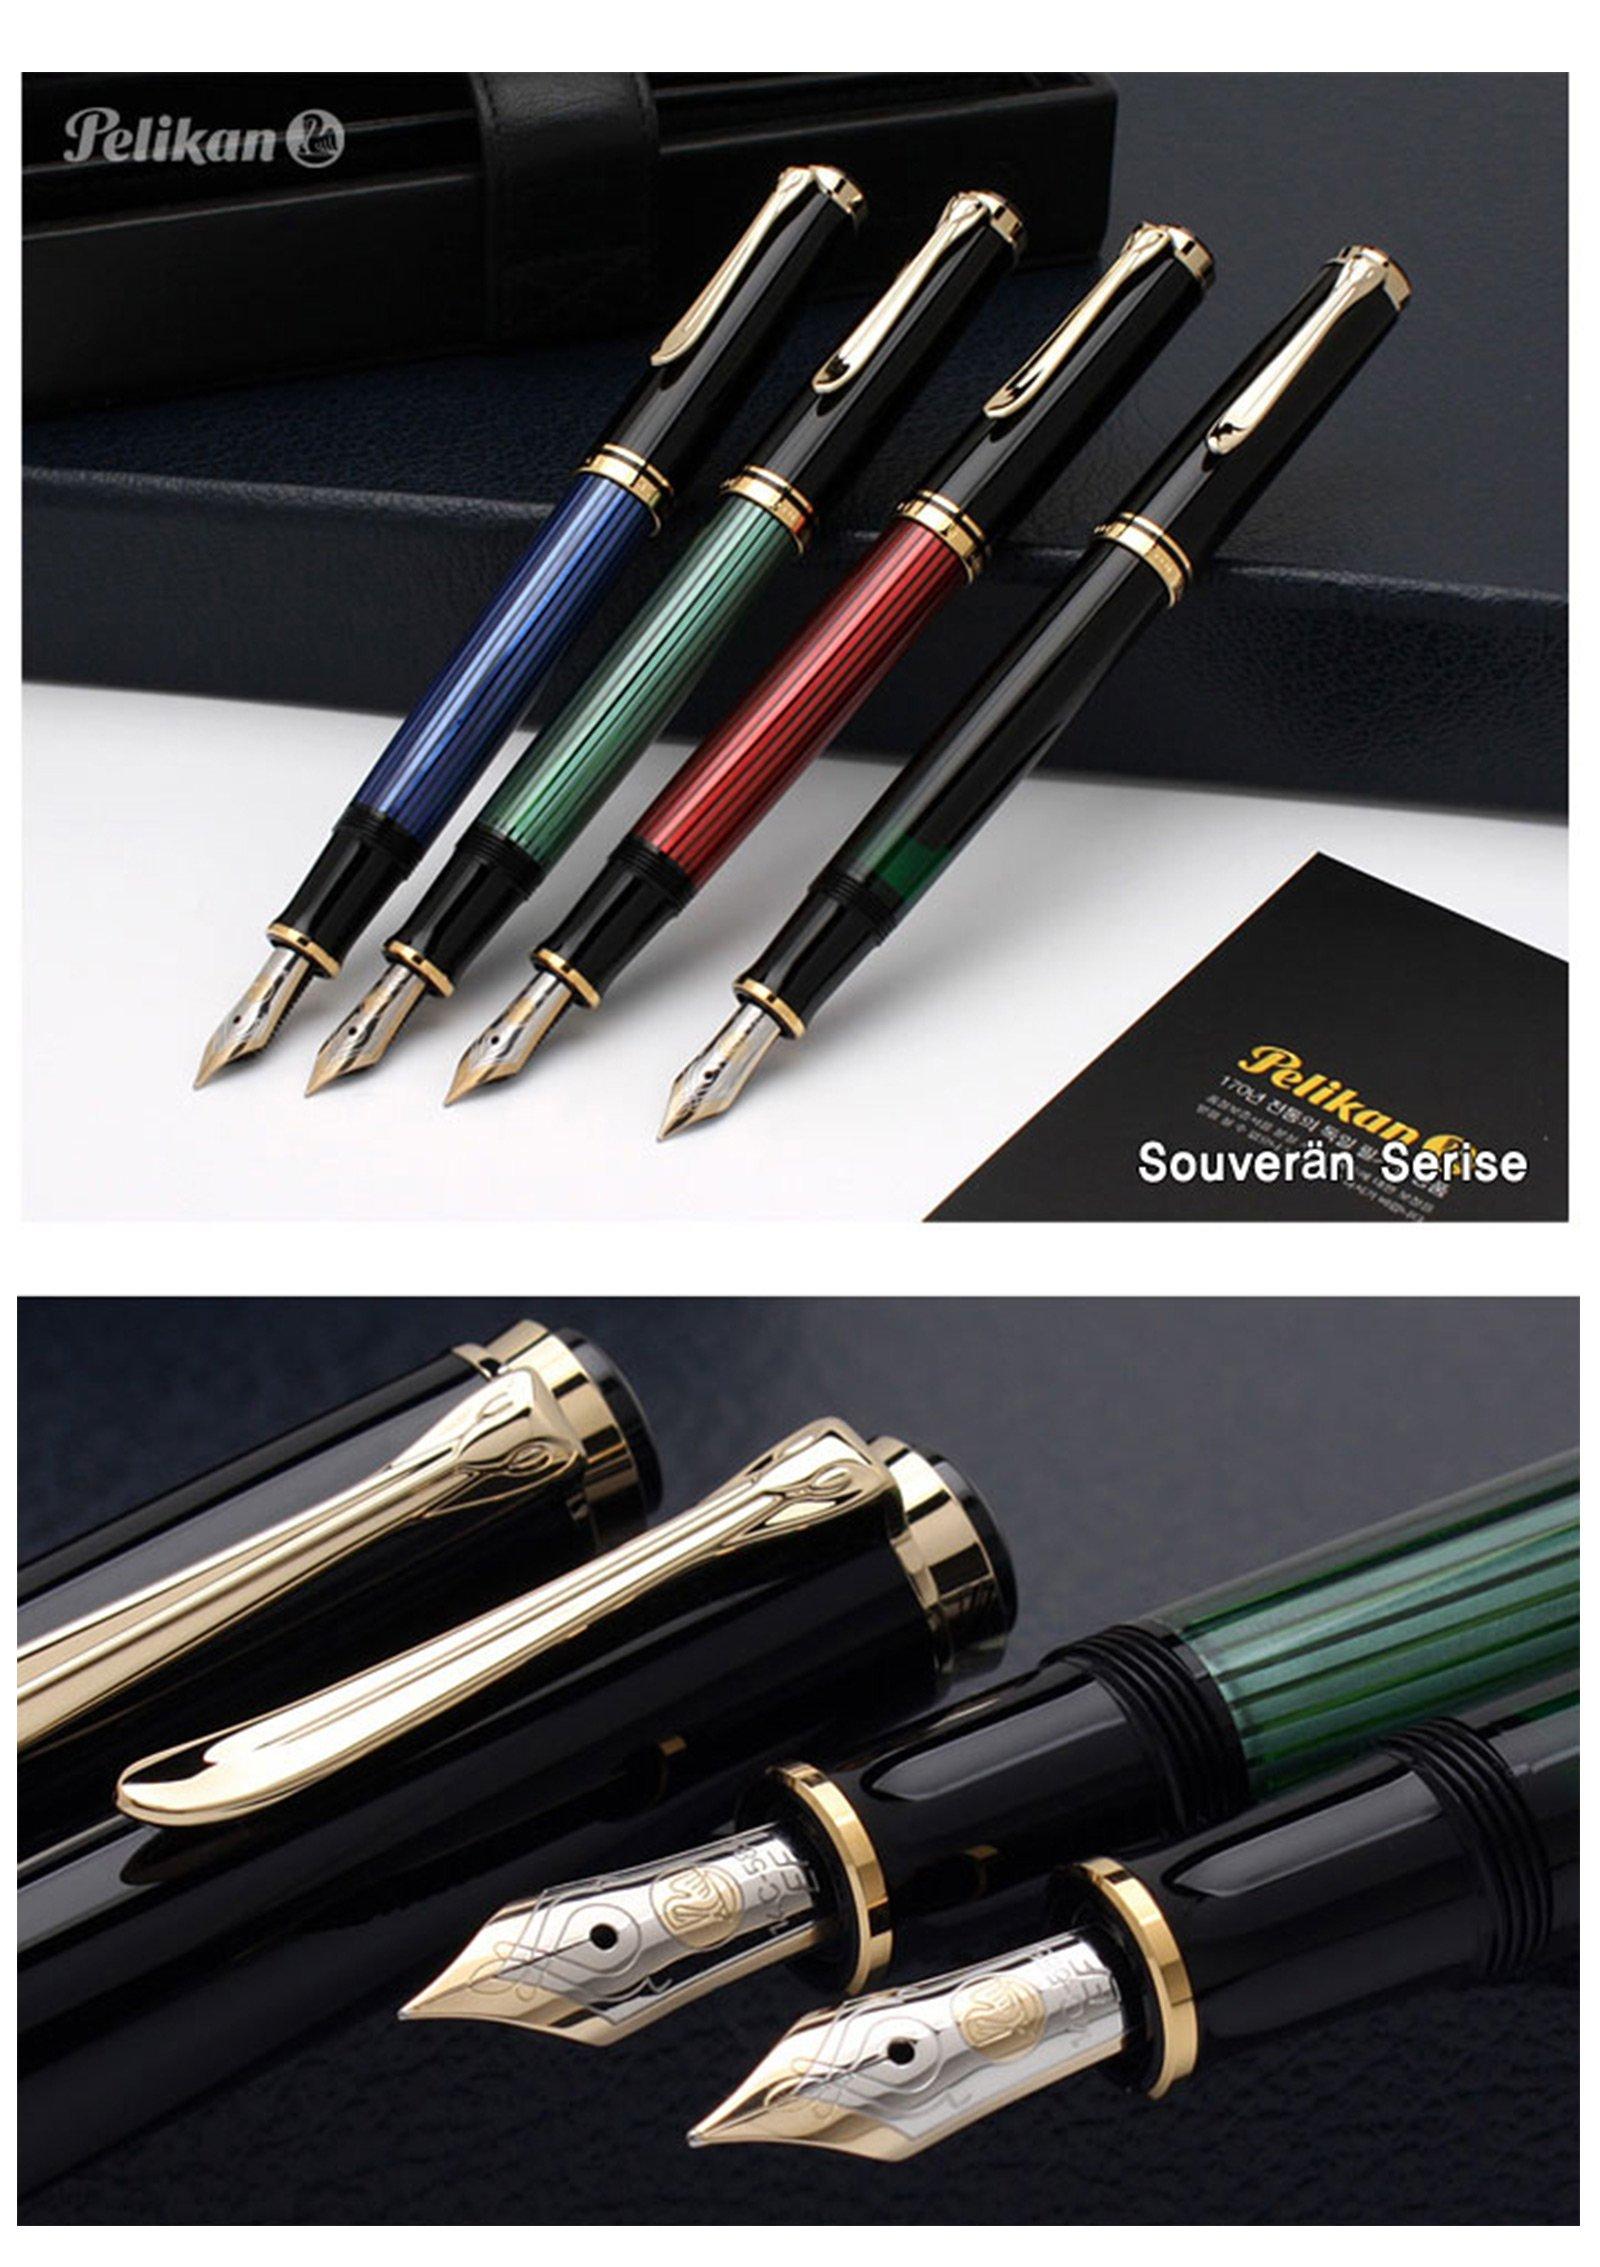 69  书写工具  69  钢笔  规格参数 笔盖笔长:约134mm 笔管直径